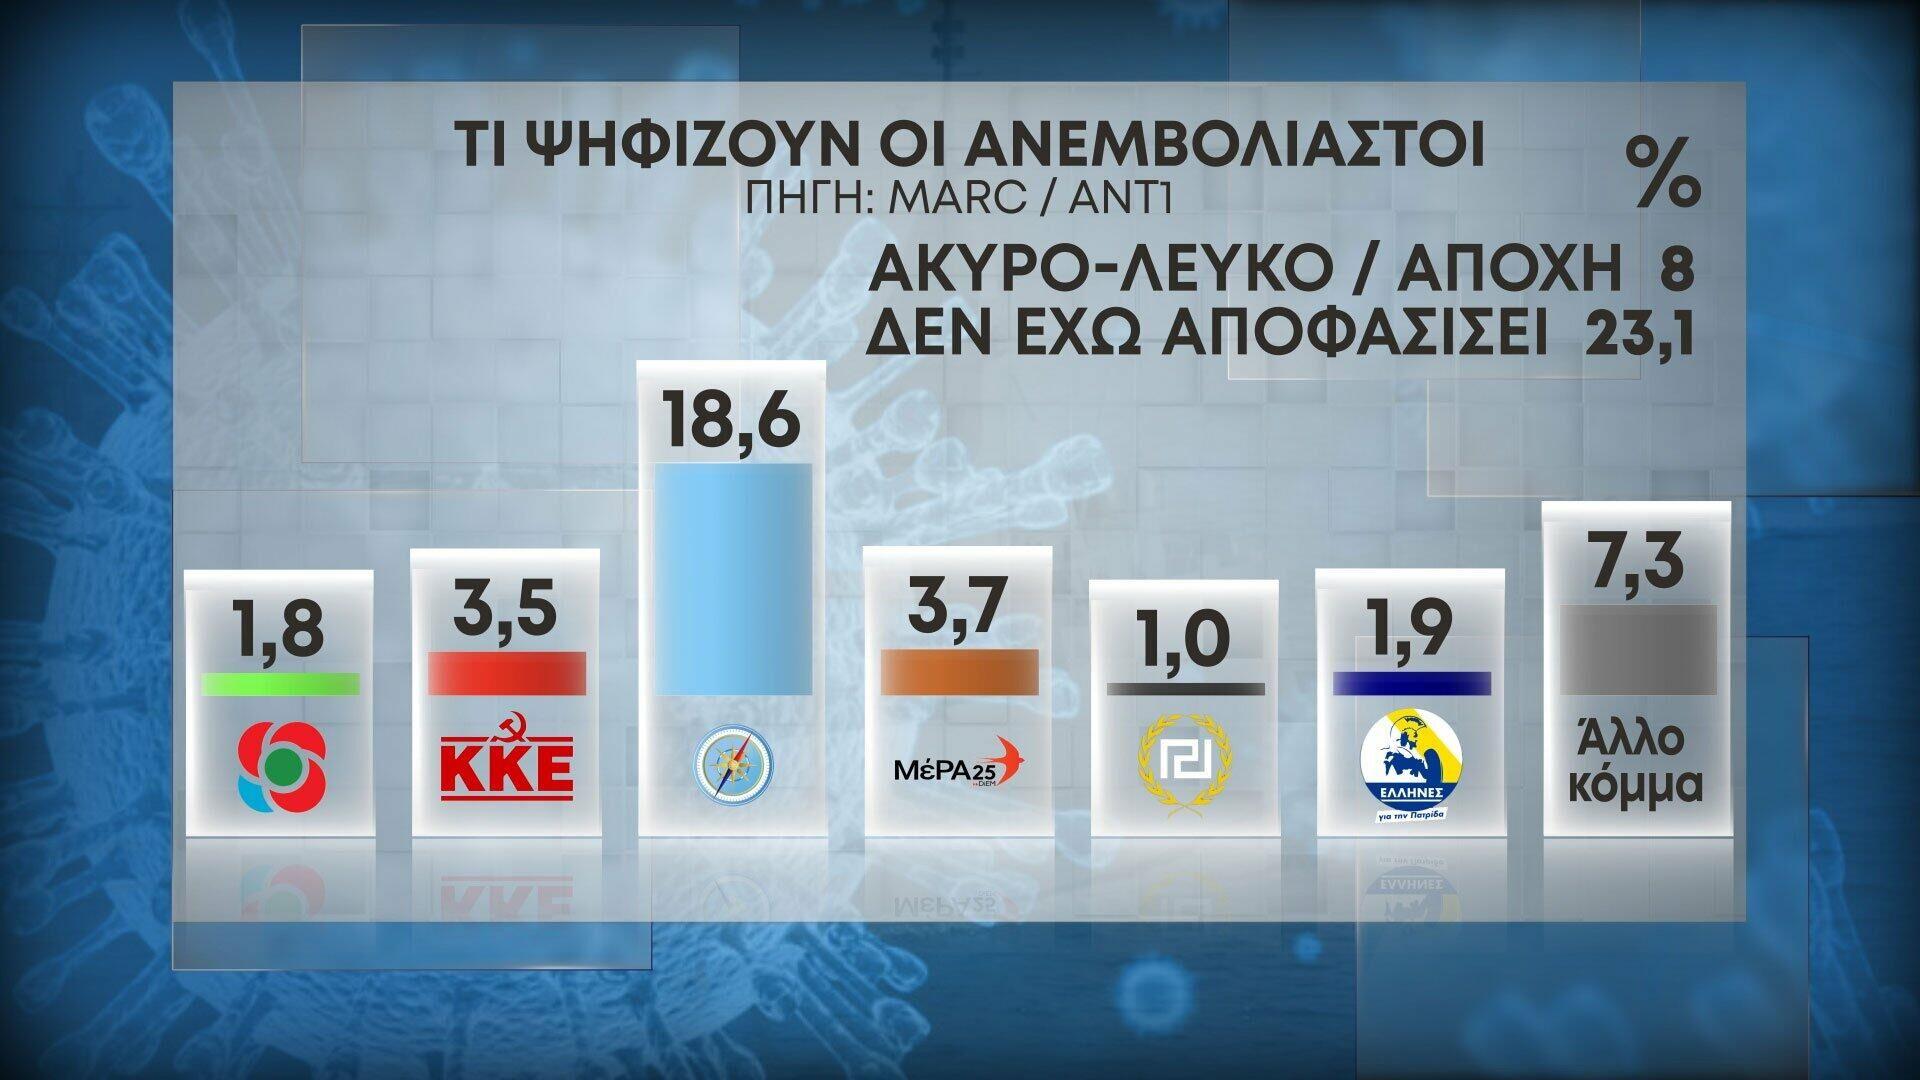 Τι ψηφίζουν οι ανεμβολίαστοι  - Sputnik Ελλάδα, 1920, 12.10.2021